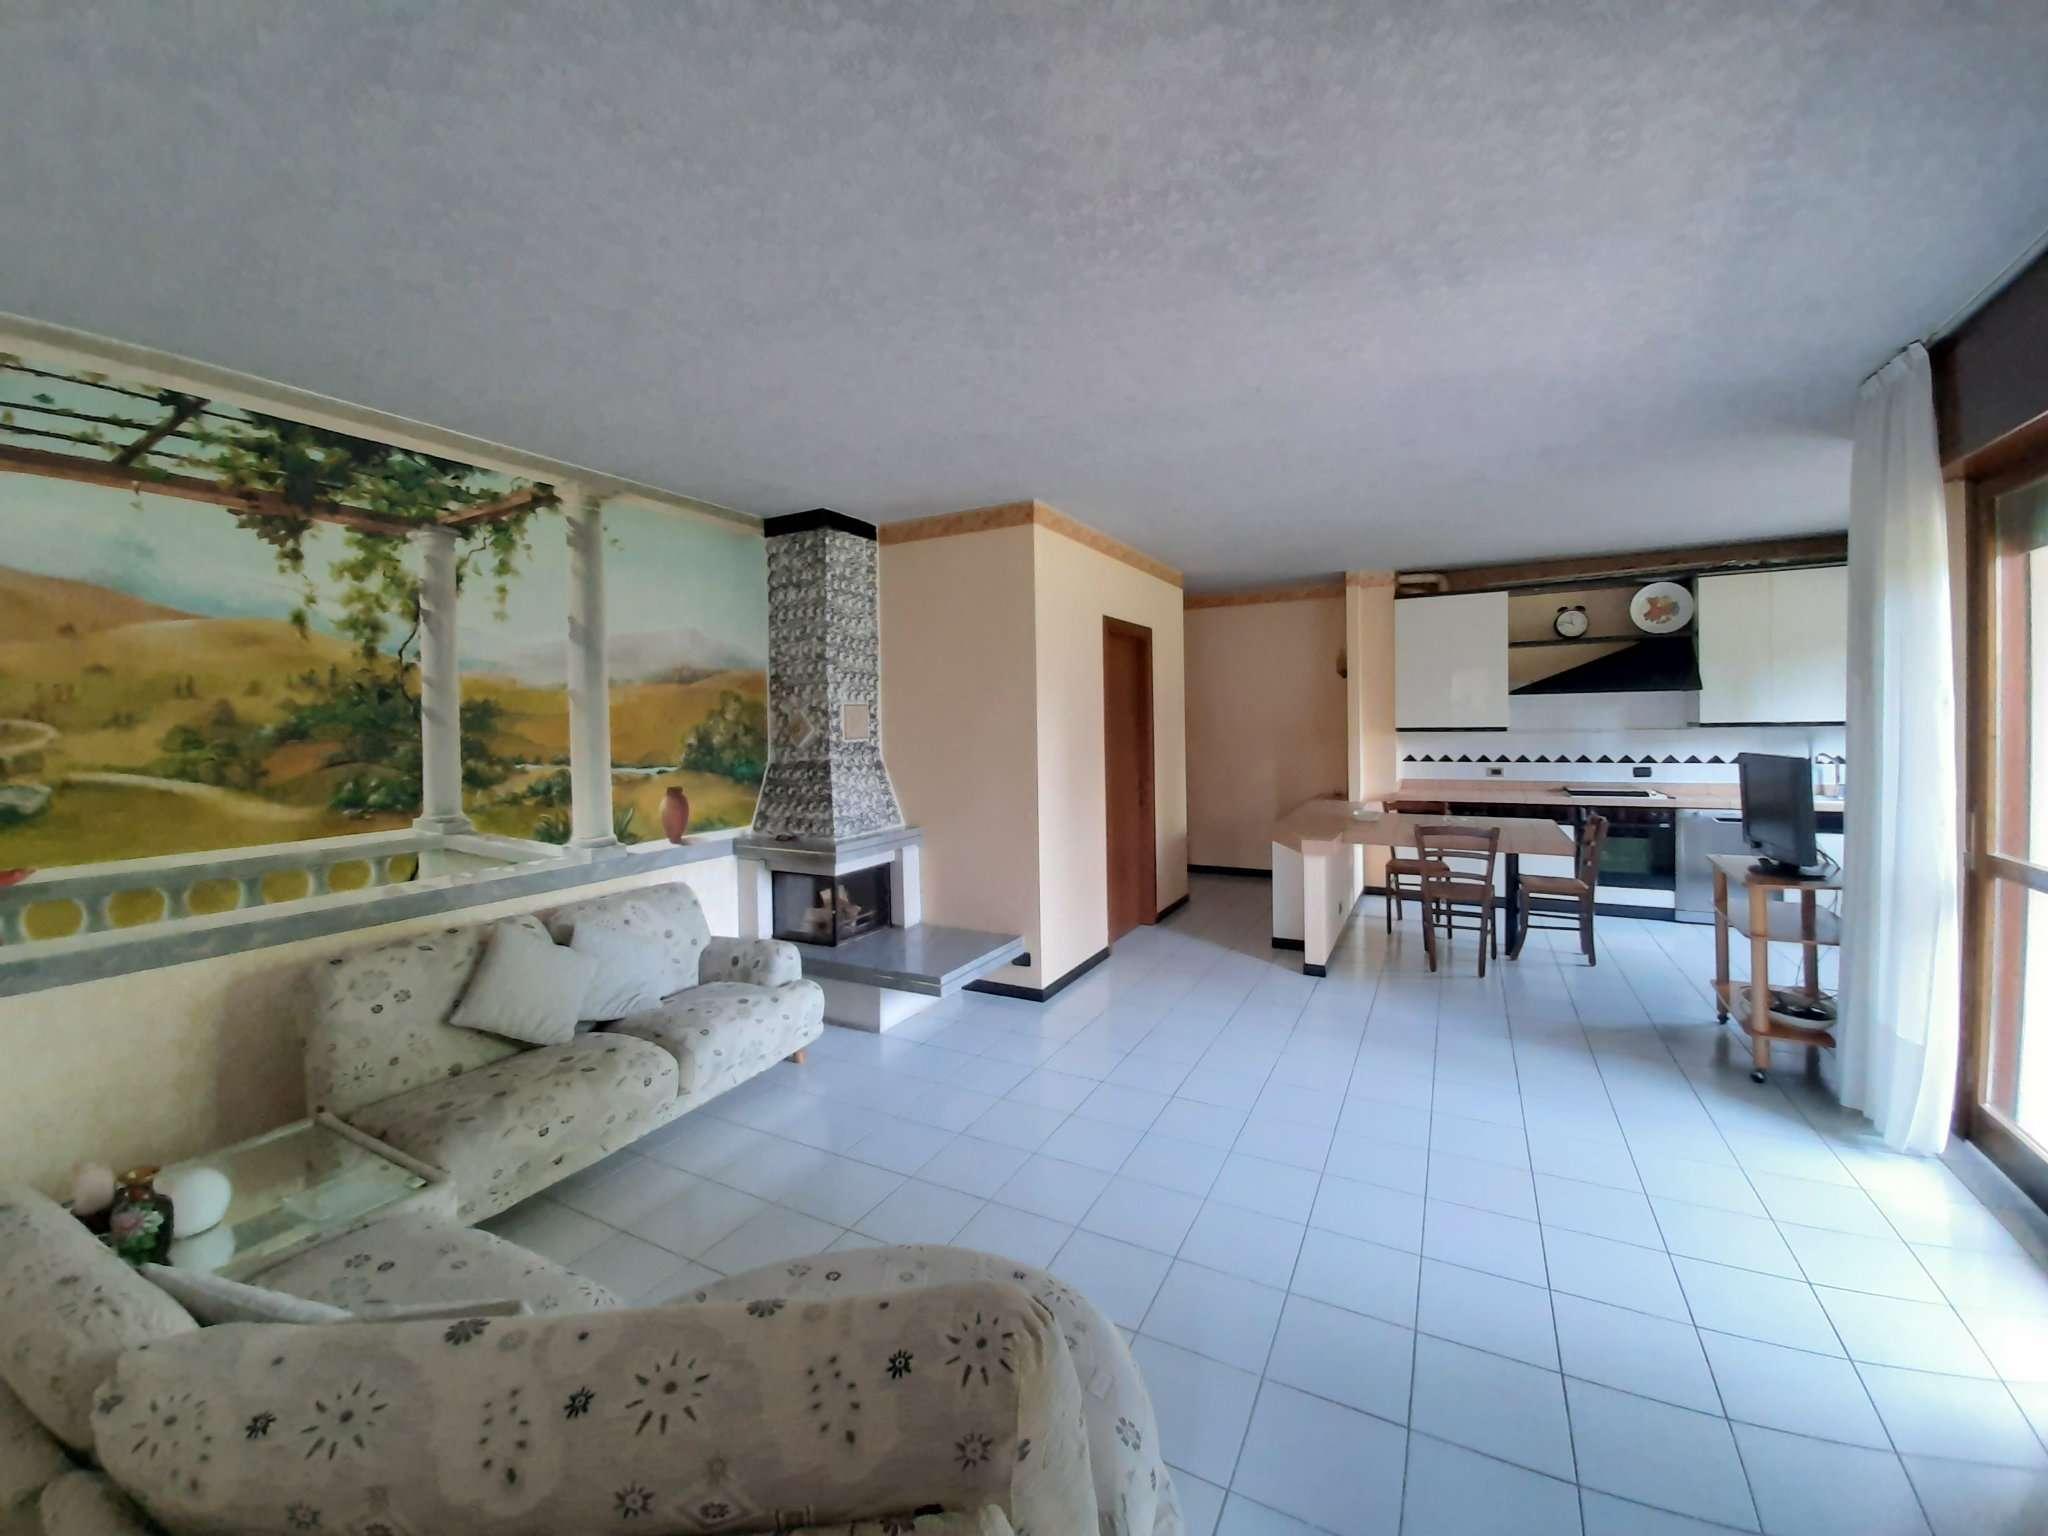 Appartamento in vendita a Cimadolmo, 3 locali, prezzo € 98.000 | CambioCasa.it